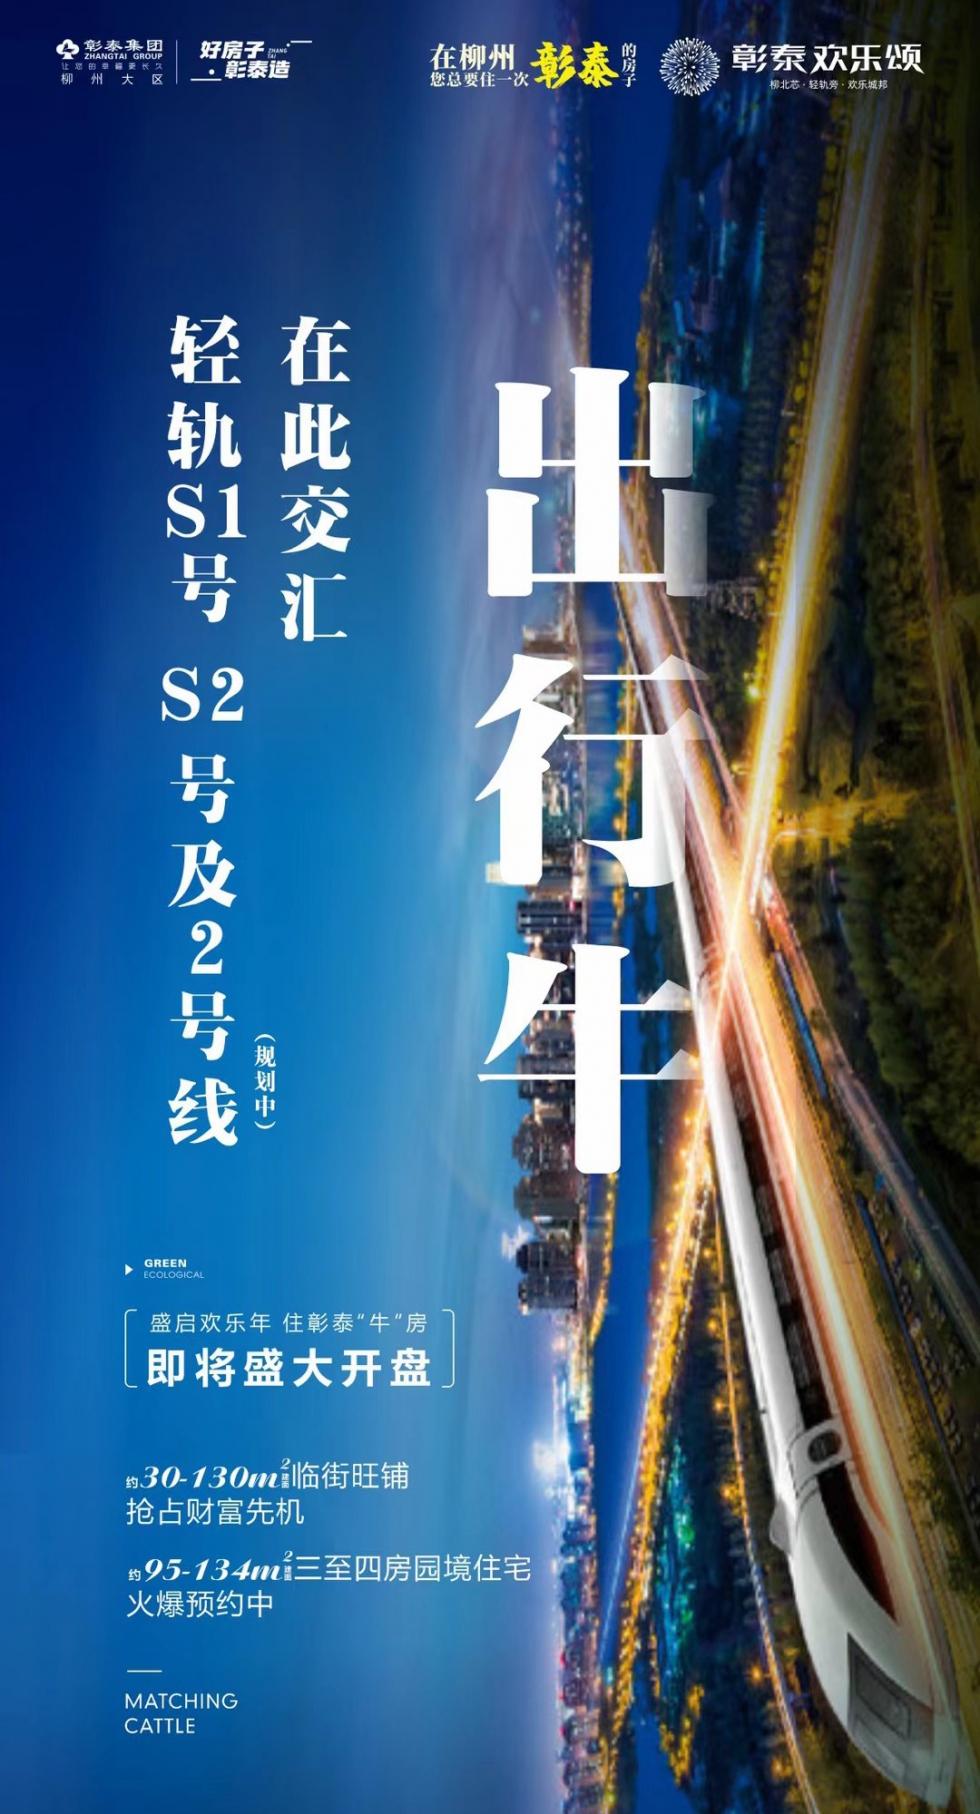 微信图片_20210112114607.jpg